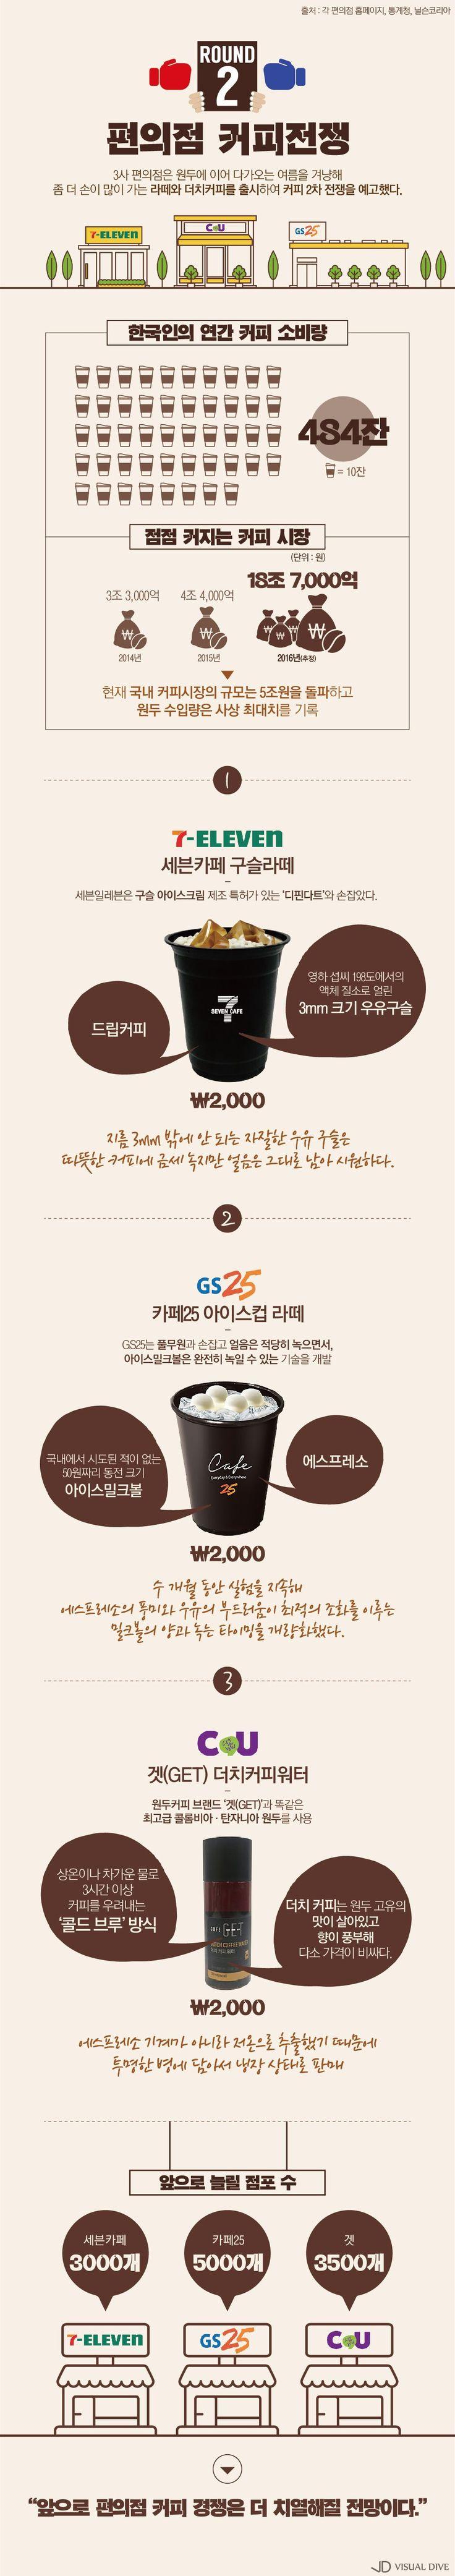 올 여름, '편의점 커피 전쟁' 더 치열해진다! [인포그래픽] #coffee / #Infographic ⓒ 비주얼다이브 무단 복사·전재·재배포 금지